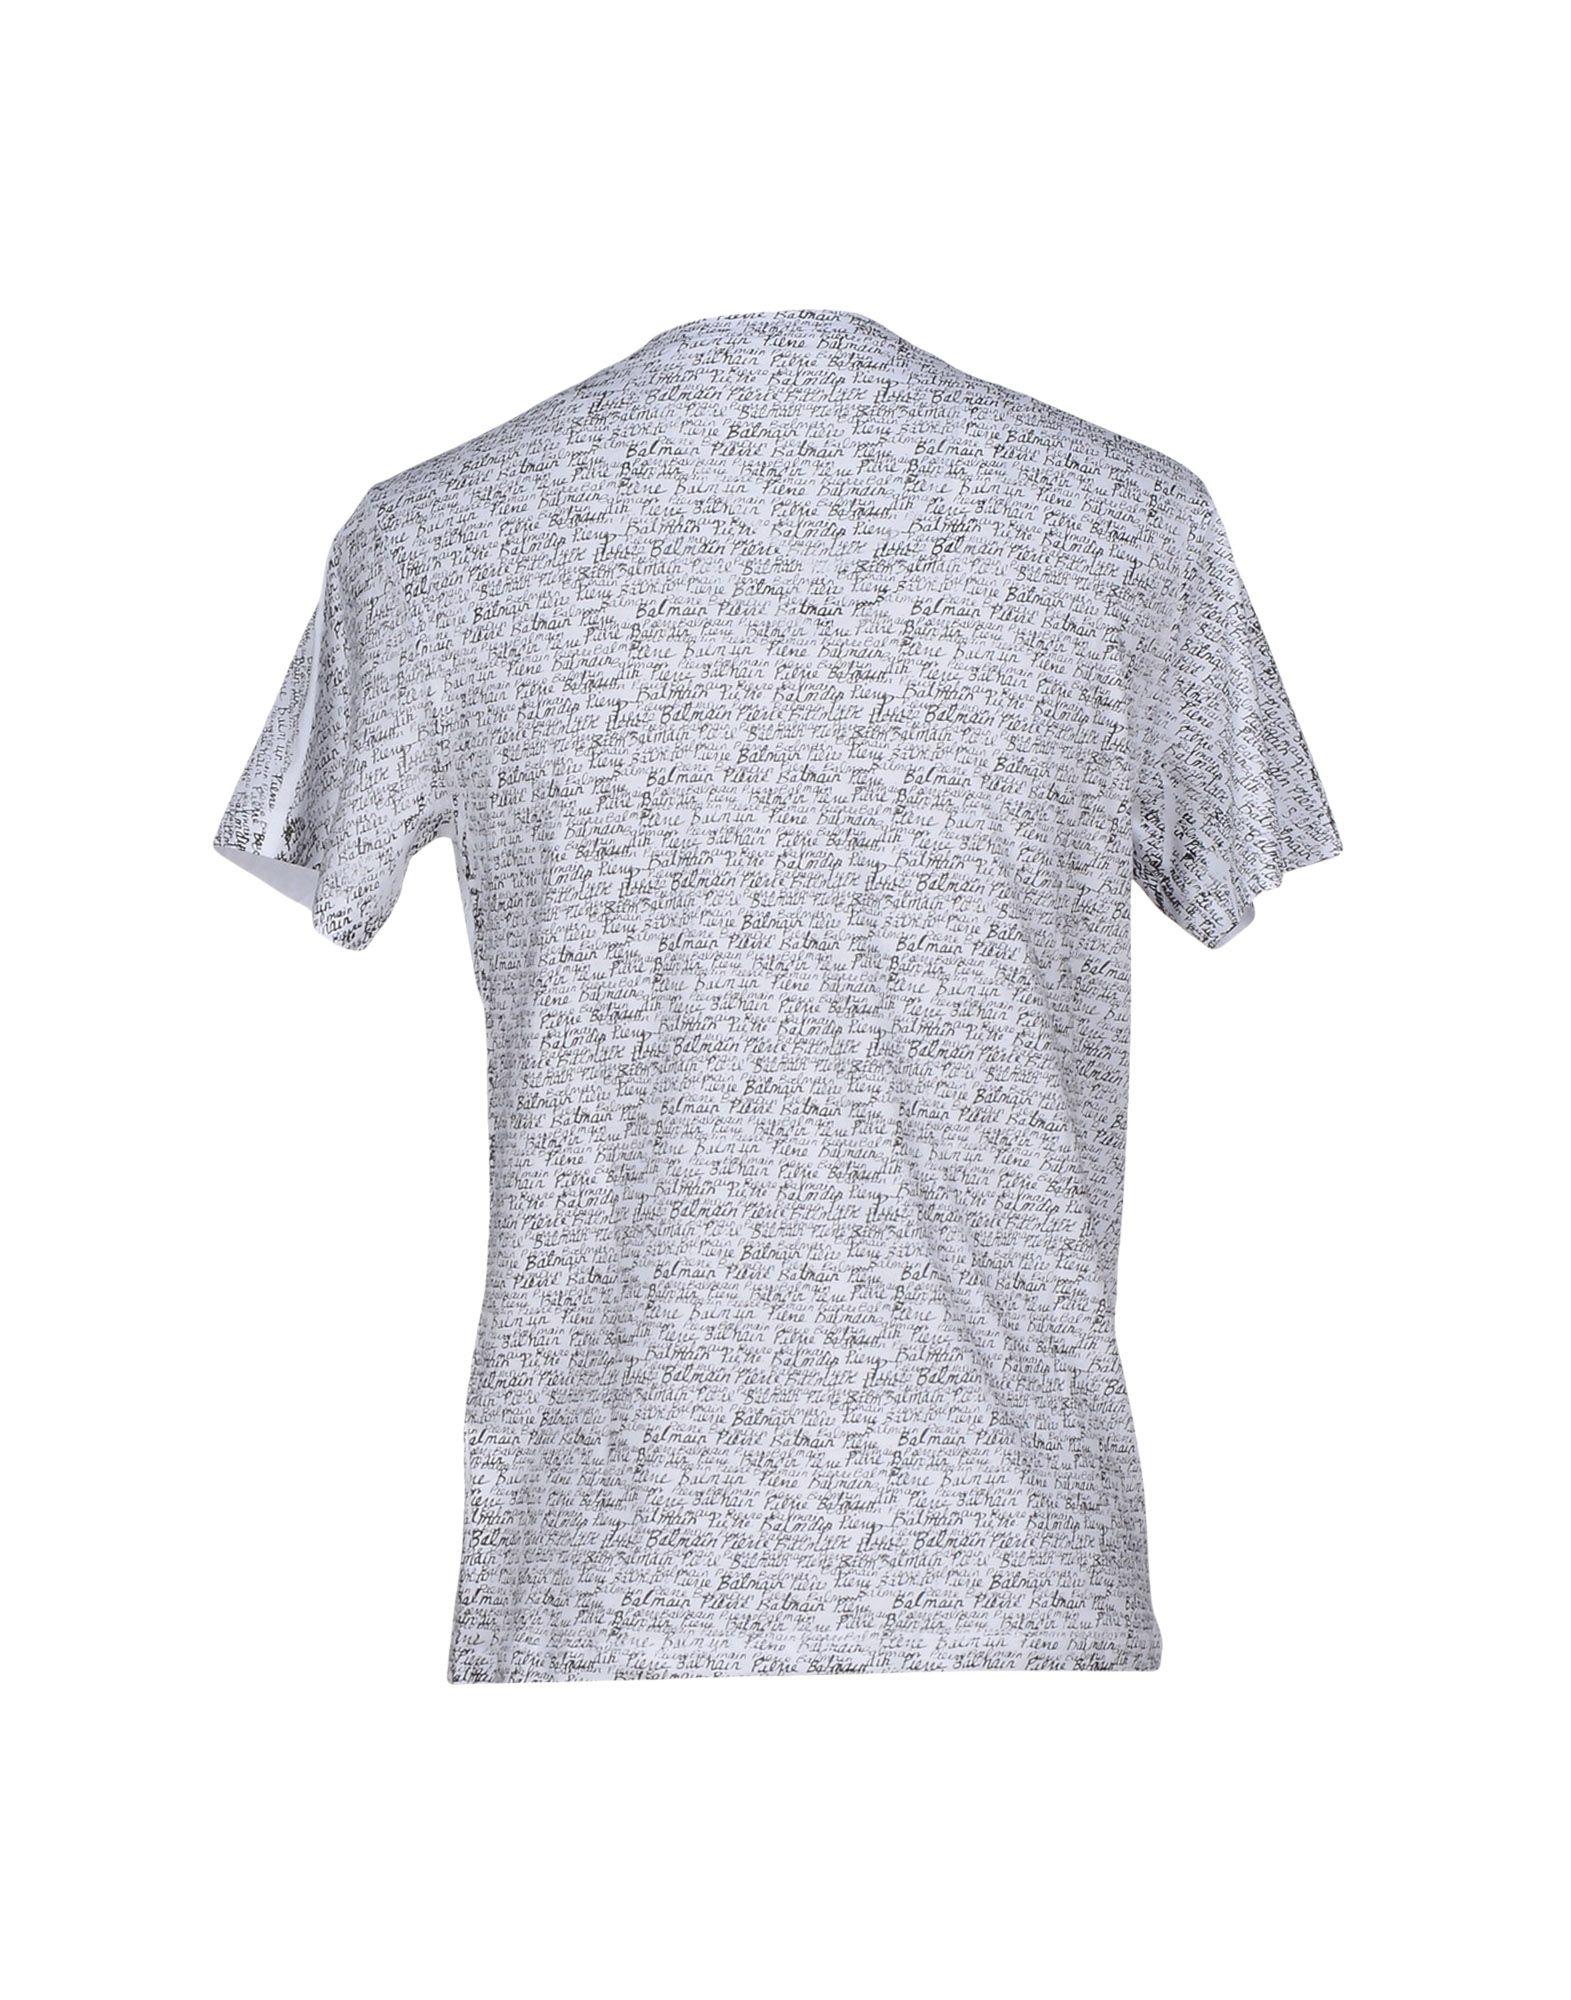 Balmain t shirt in white for men lyst for Balmain white logo t shirt